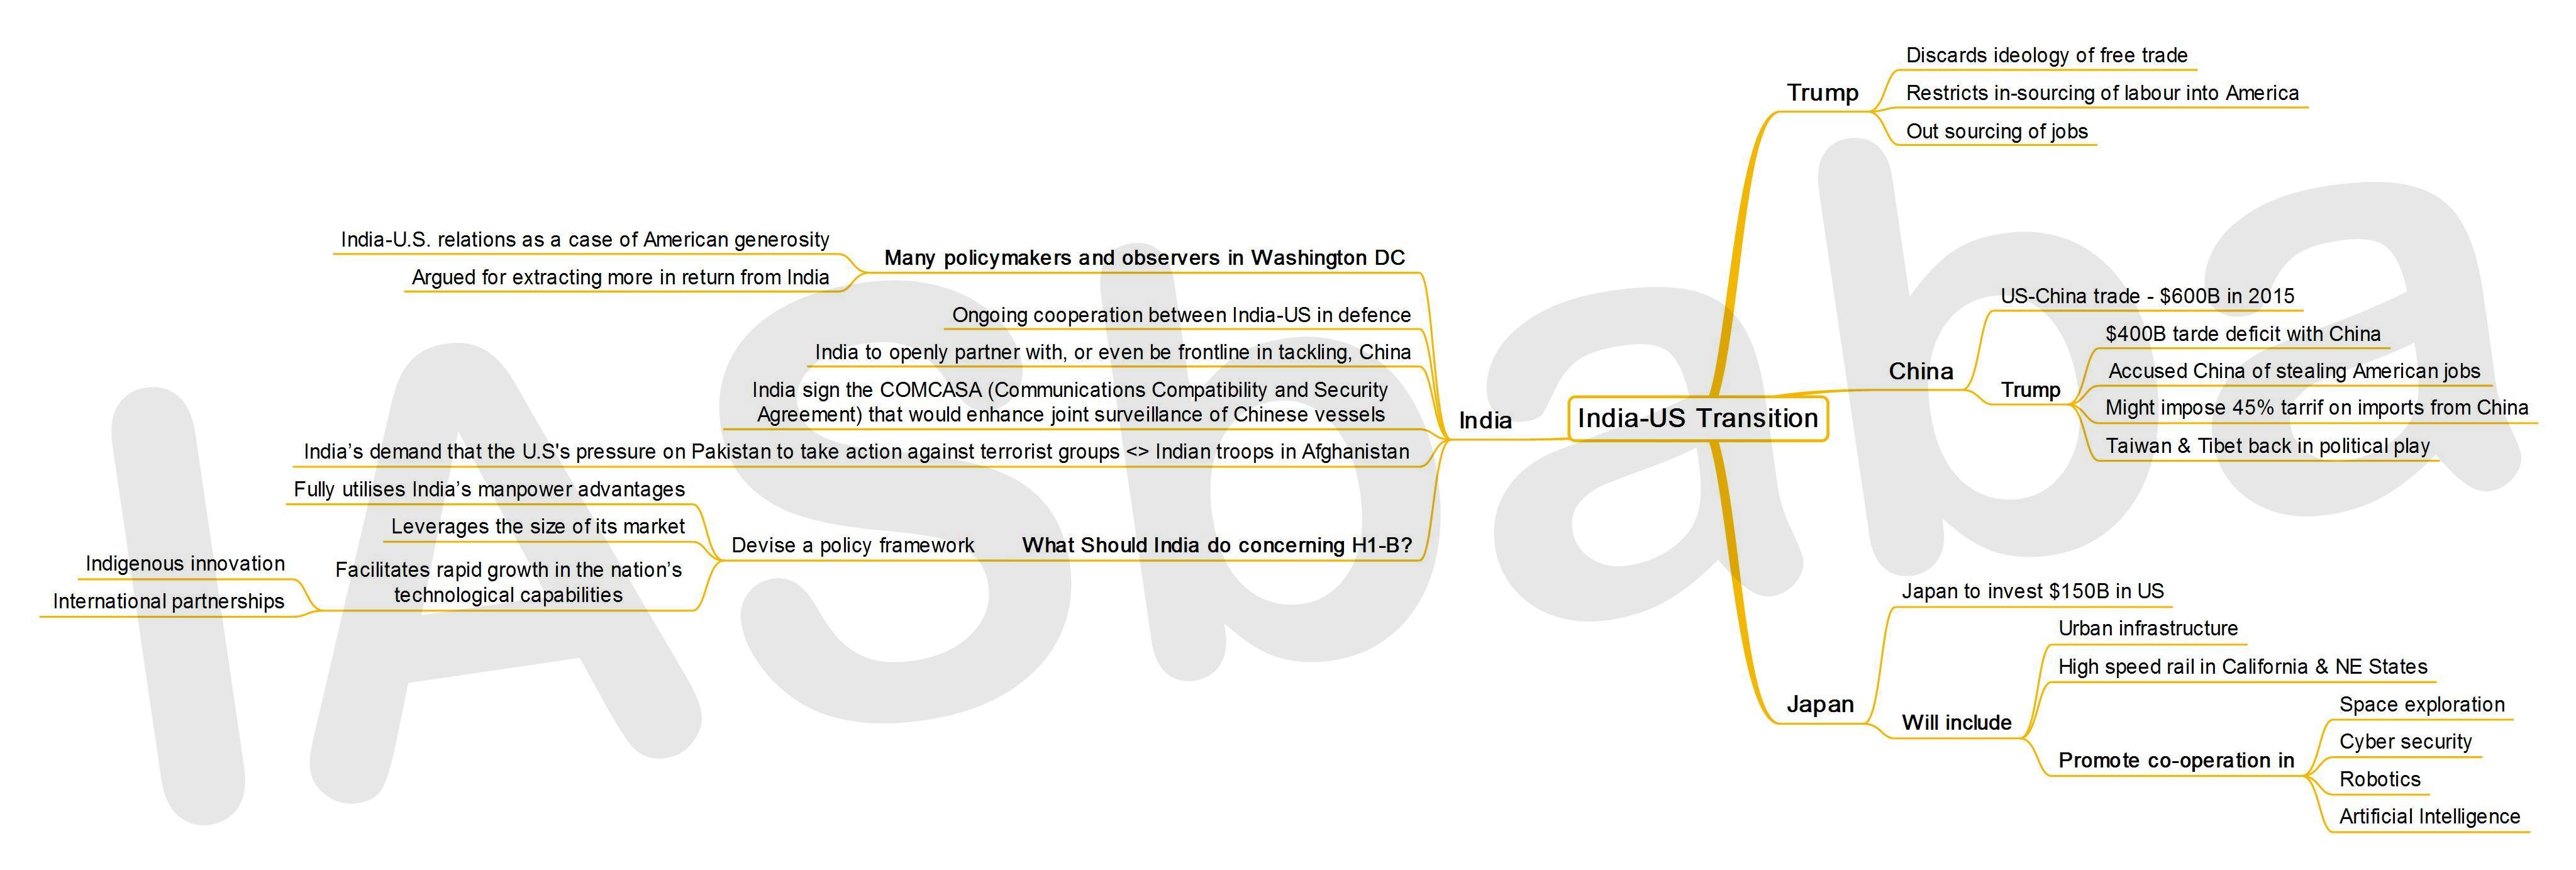 IASbaba's MINDMAP : Issue - India-US Transition